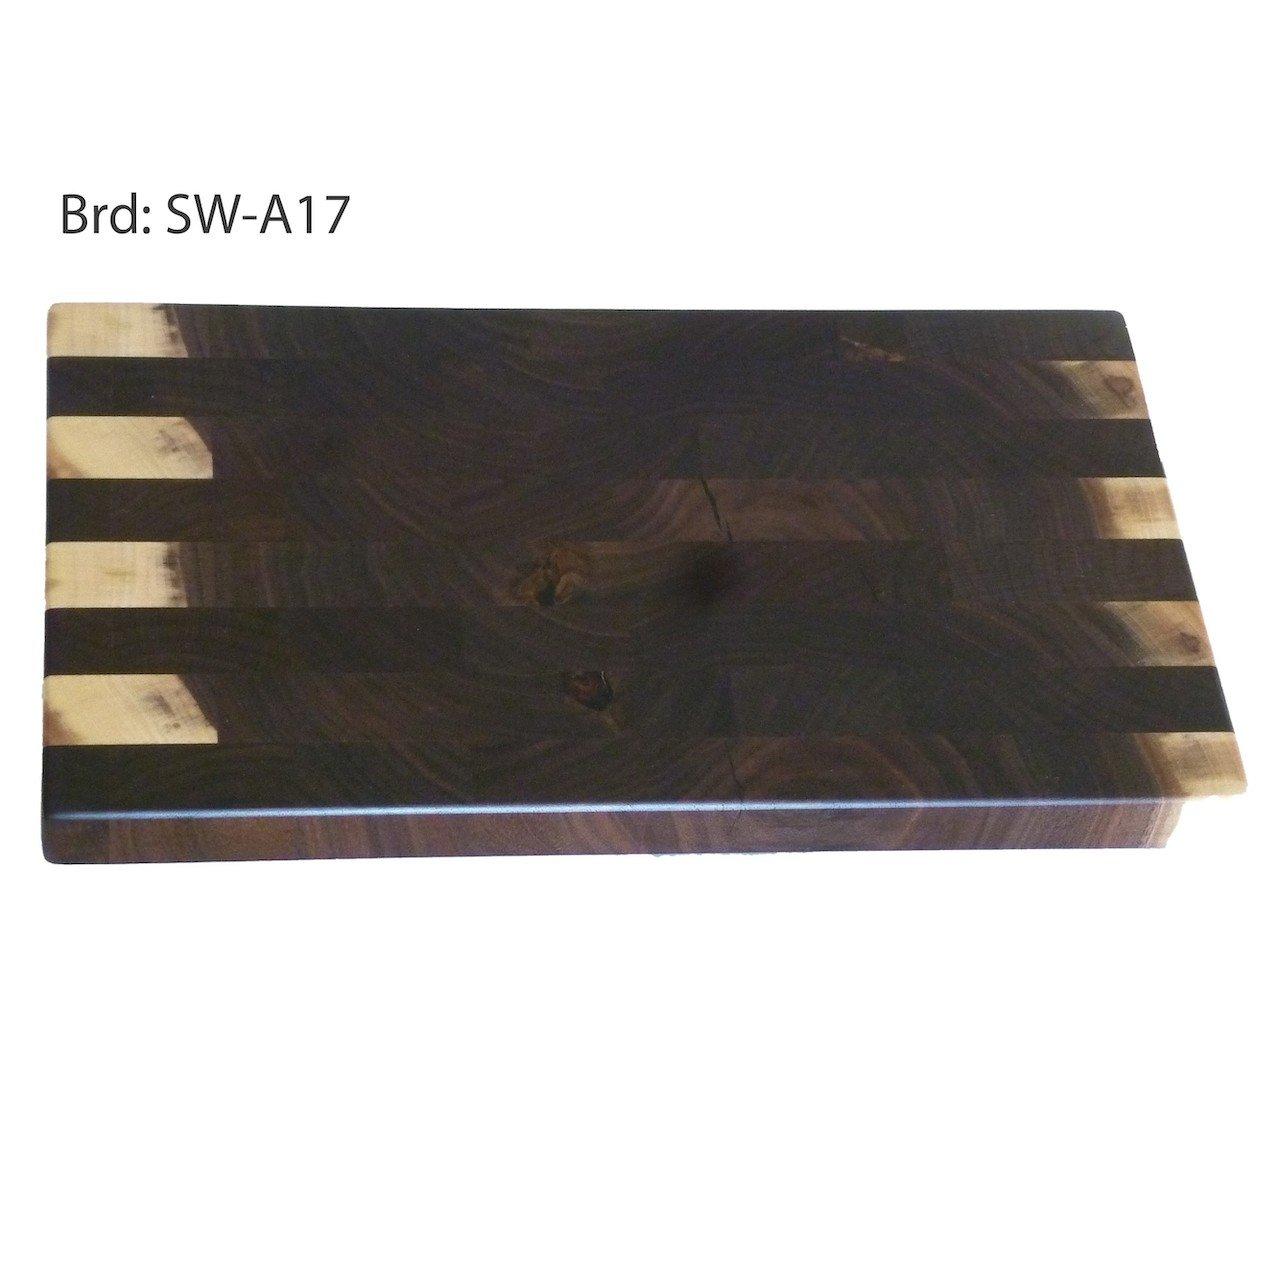 SW-A17